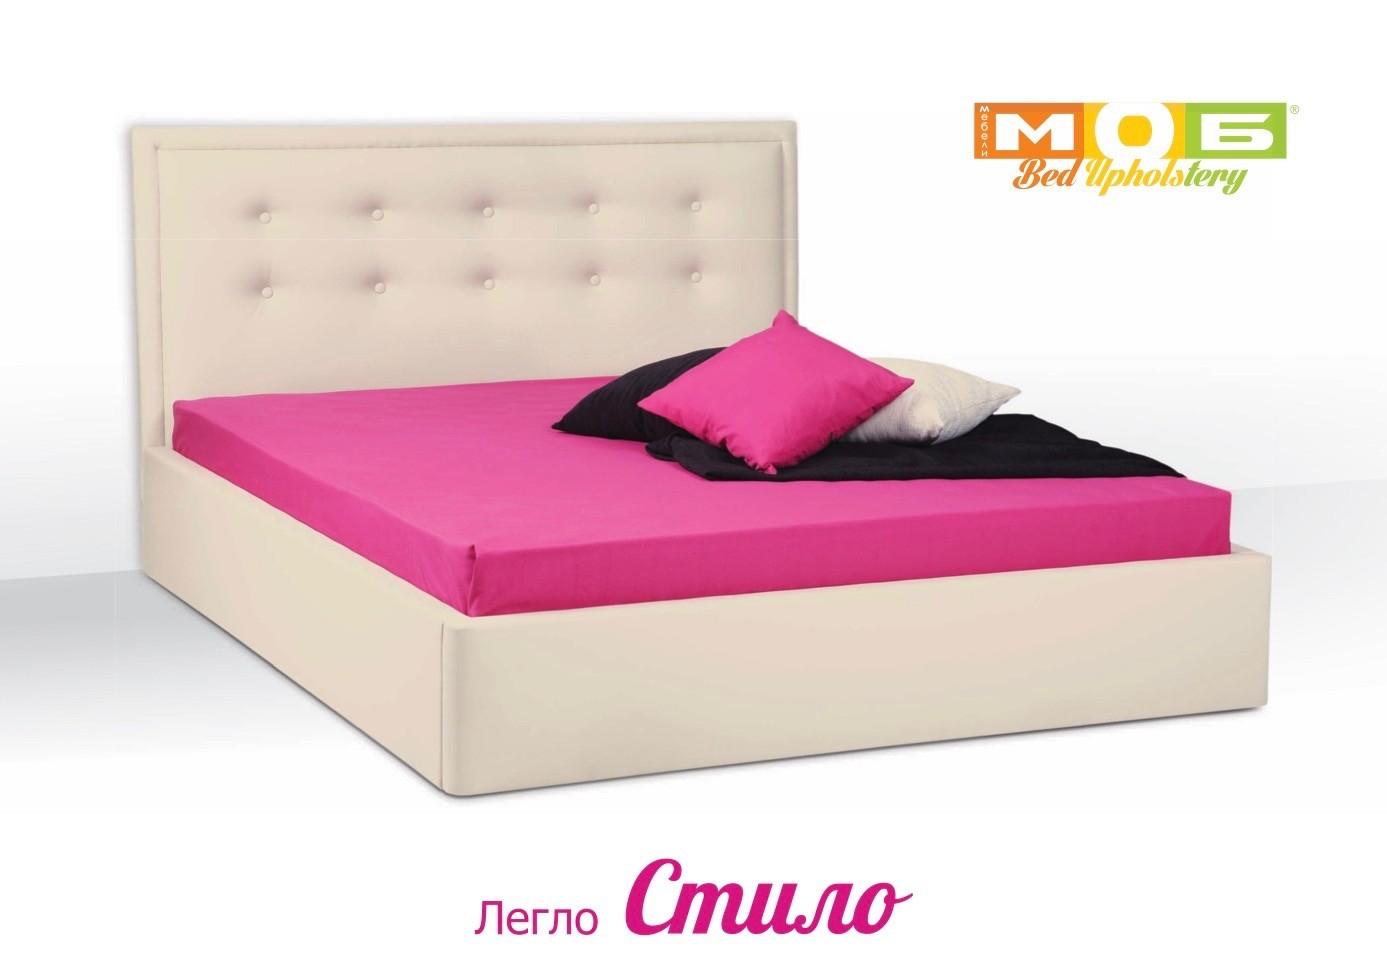 213369b97fa Тапицирано легло Стило Mебели Моб – Матраци и подматрачни рамки от ...